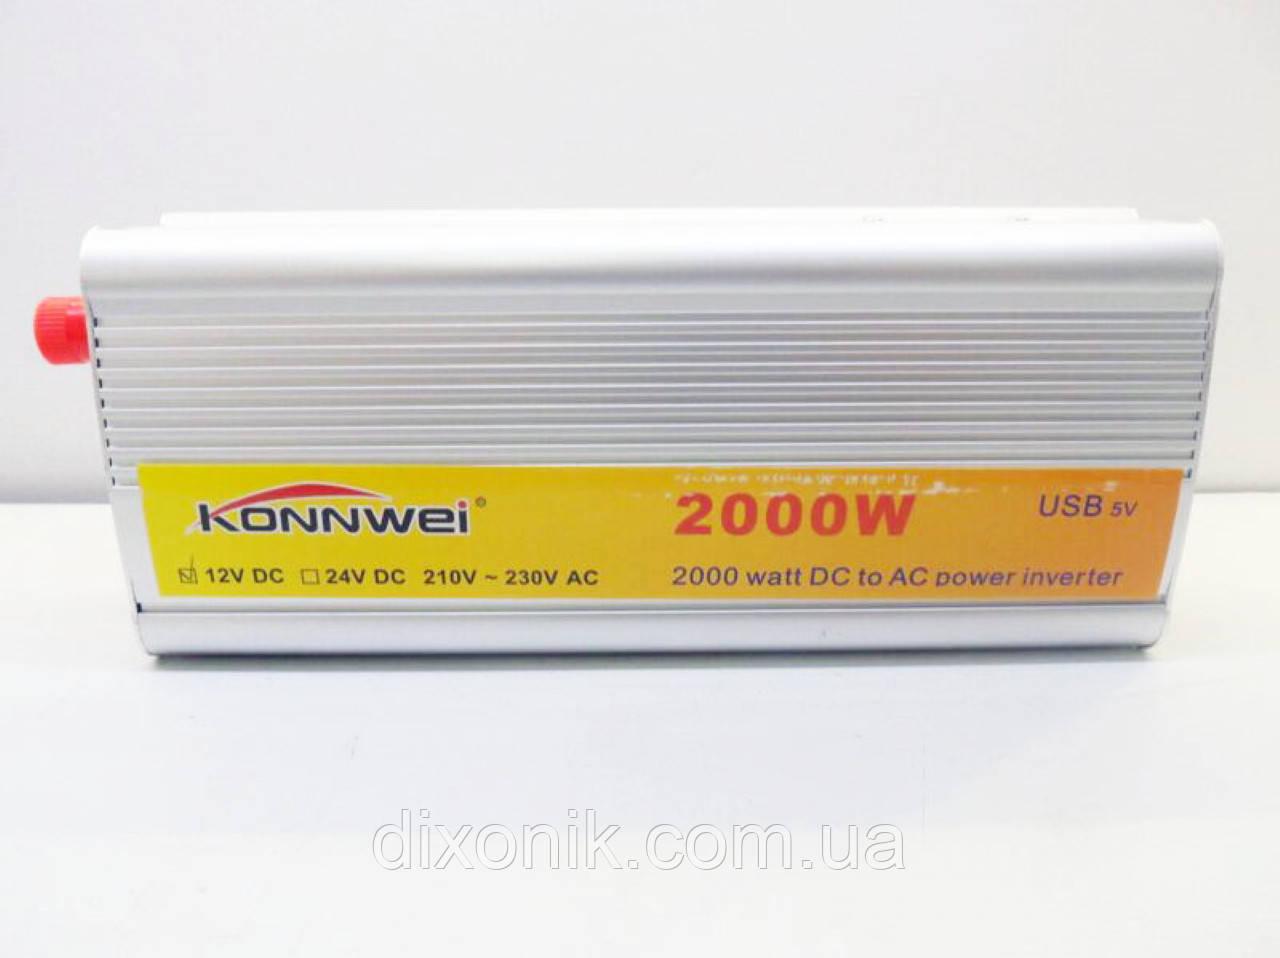 Преобразователь напряжения авто инвертор konnwei 12V-220V 2000W